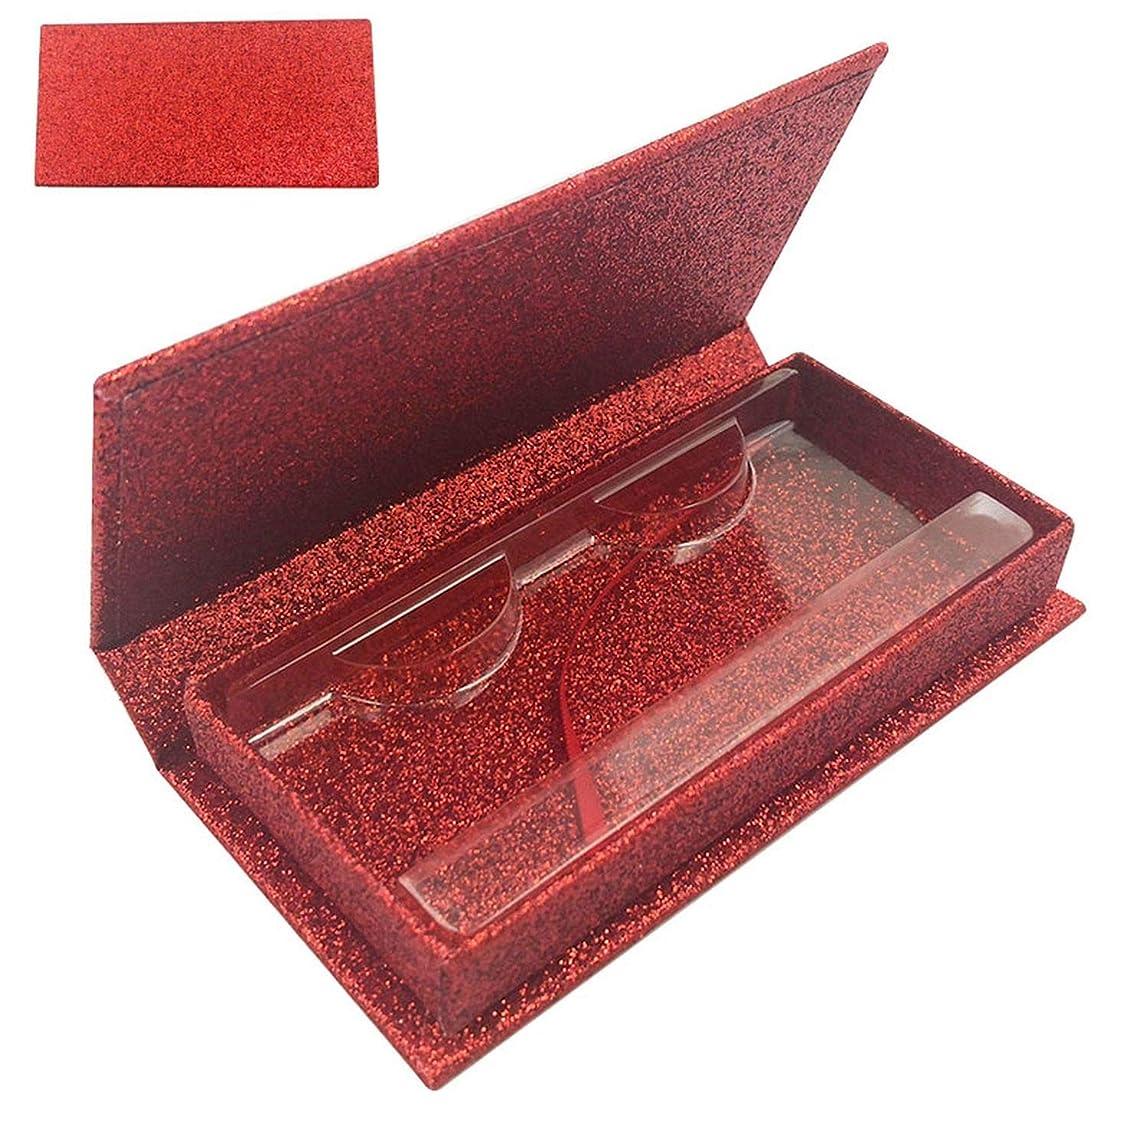 スラム十代の若者たちマティス50pcsのつけまつげ梱包箱フェイク3DミンクまつげボックスフェイクCILSストリップダイヤモンドケース空、専用BOX 50個、D